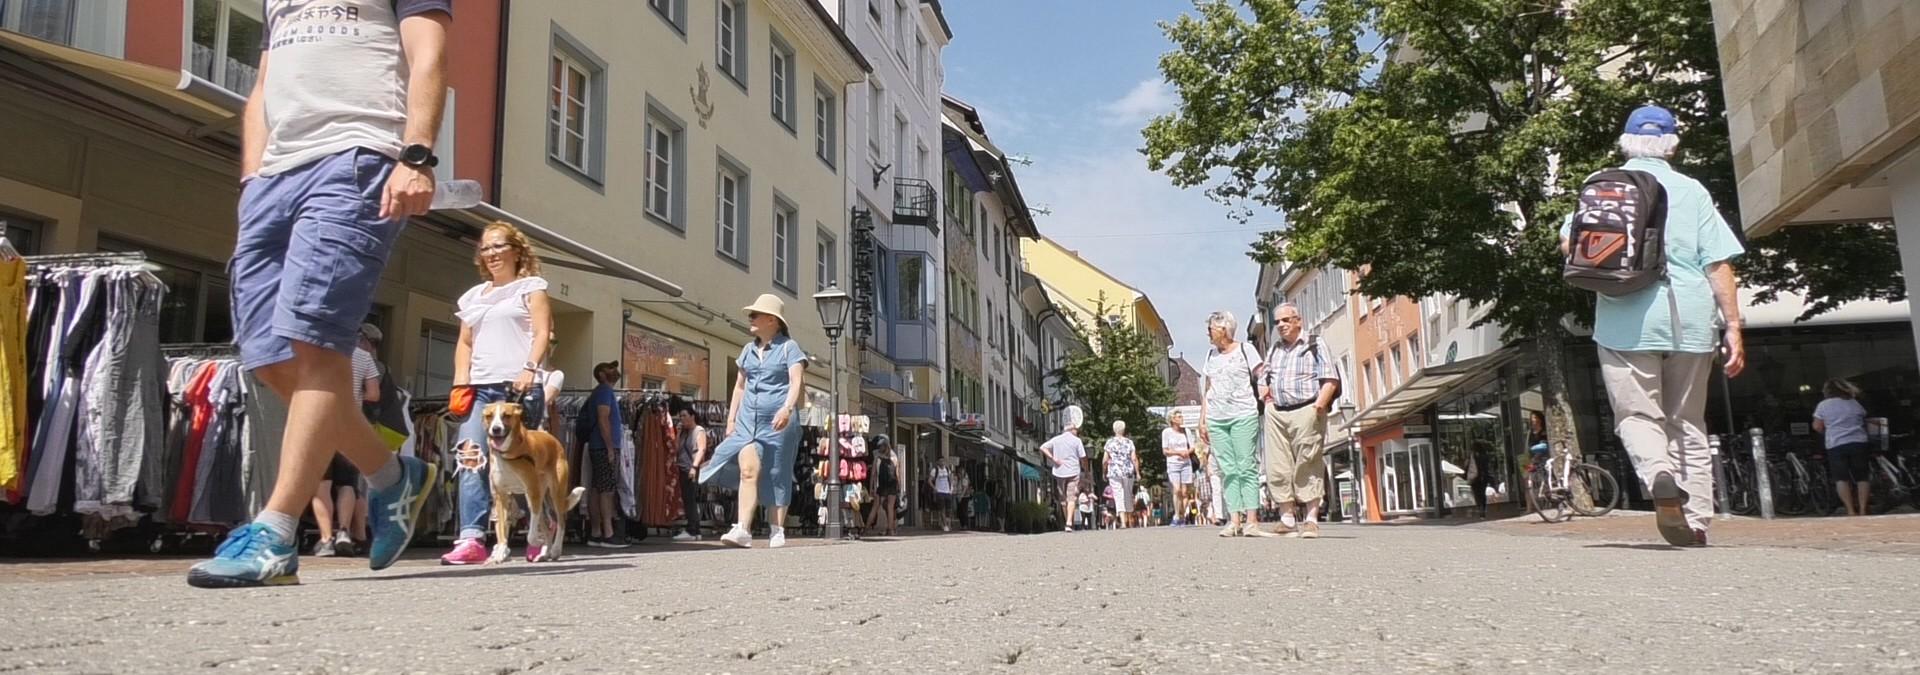 Konstanzer Händler fürchten um ihre Schweizer Kunden